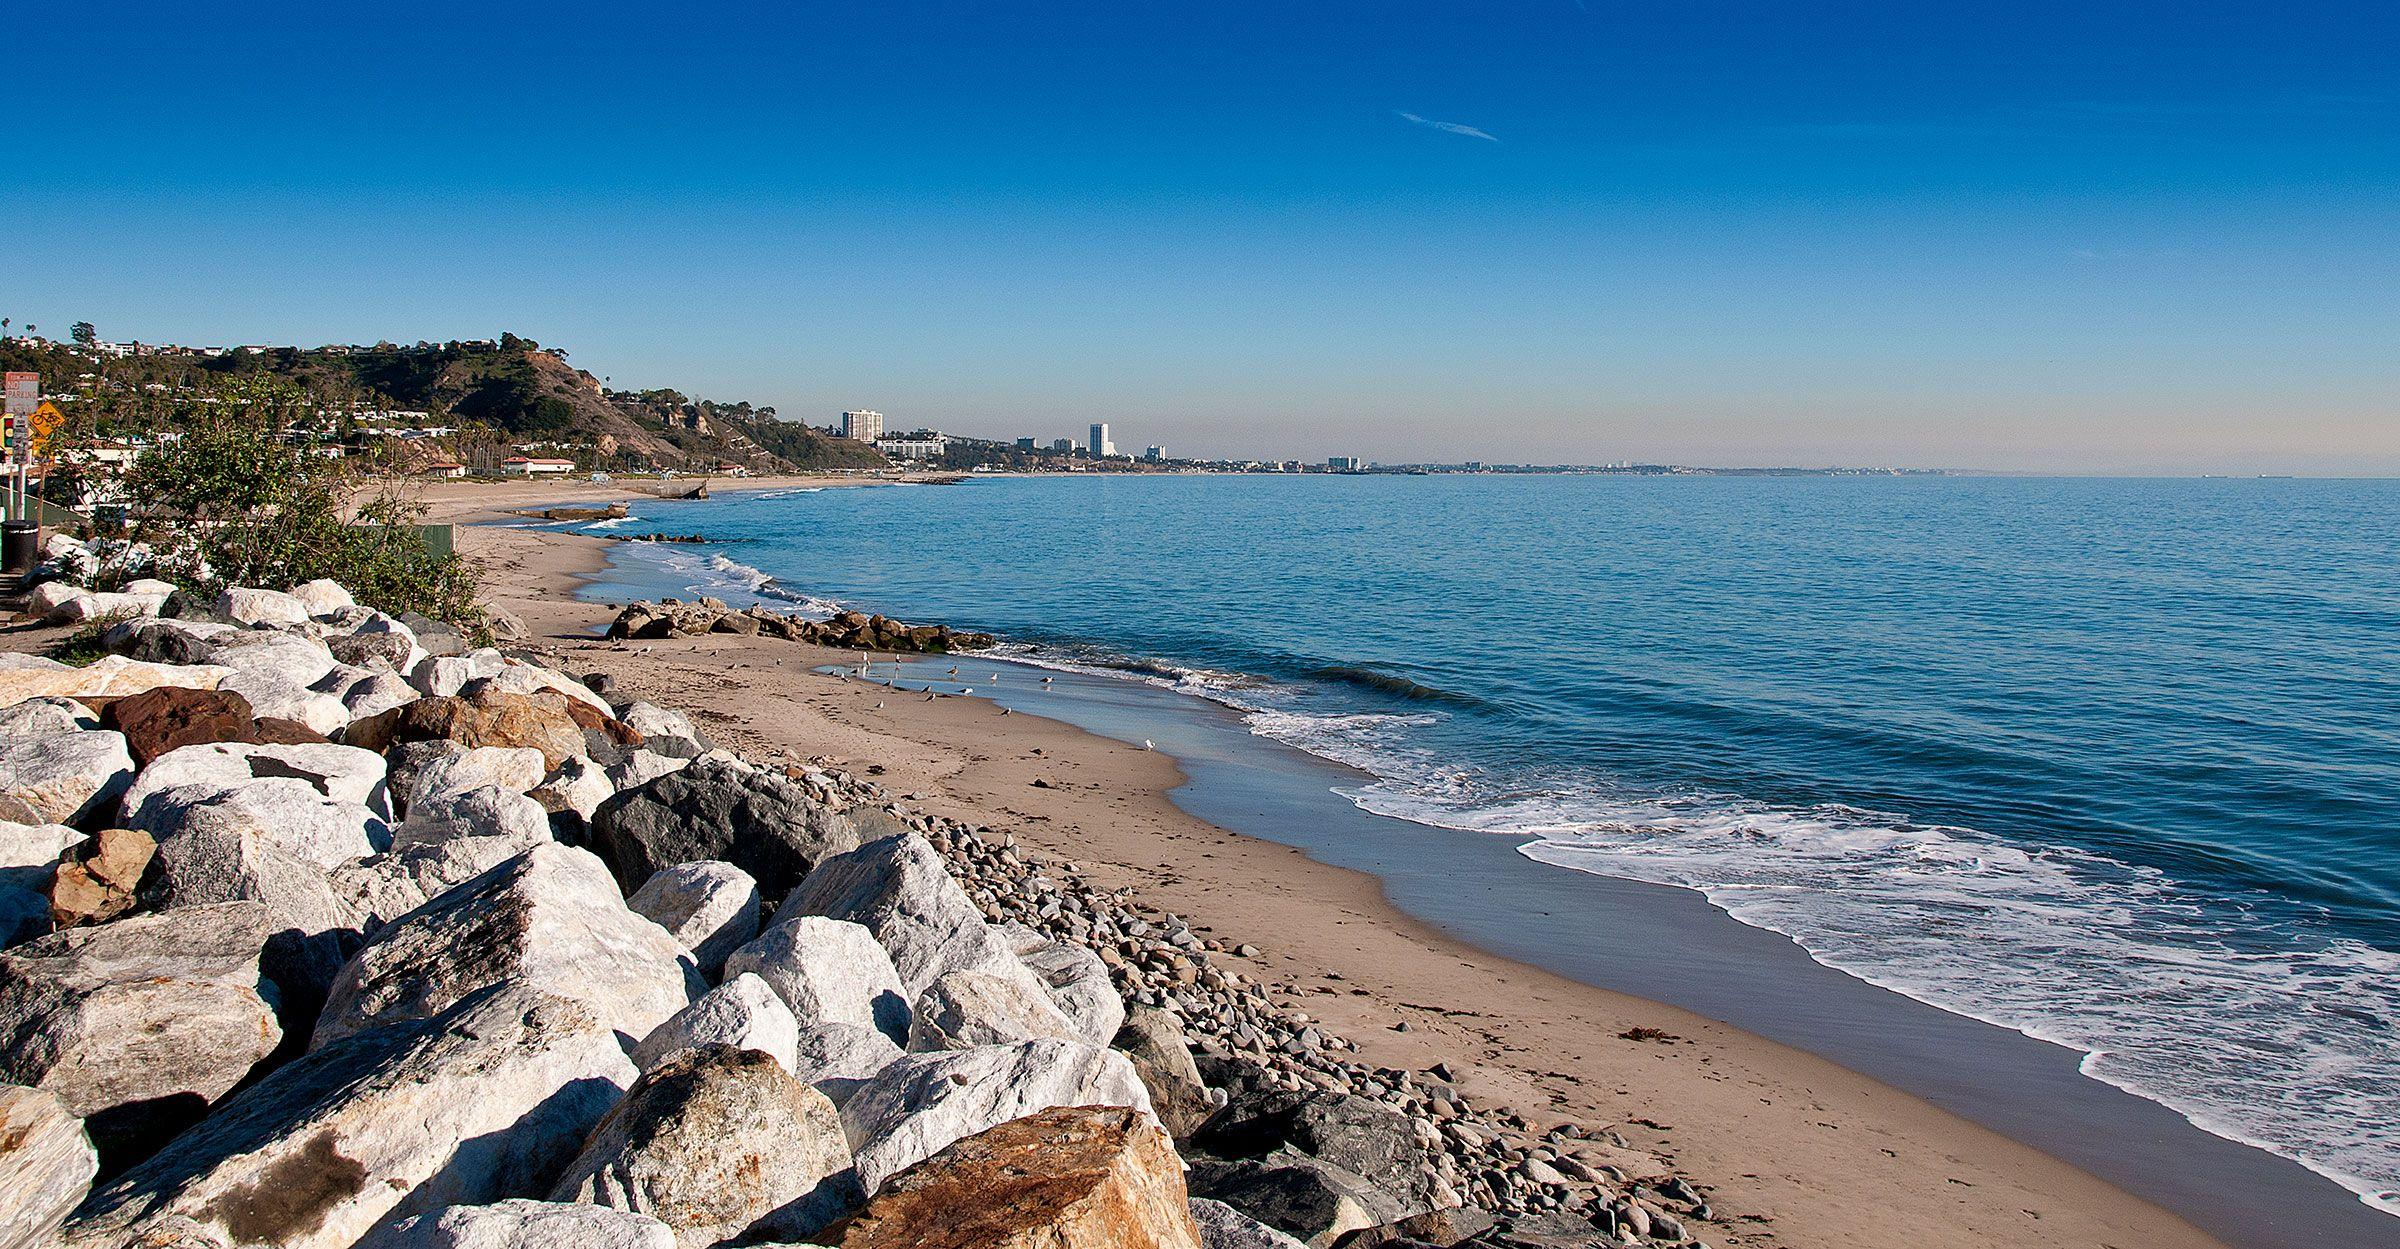 La County Beach Bike Path Beaches Harbors Beach Fire Beach Fire Pit Beach